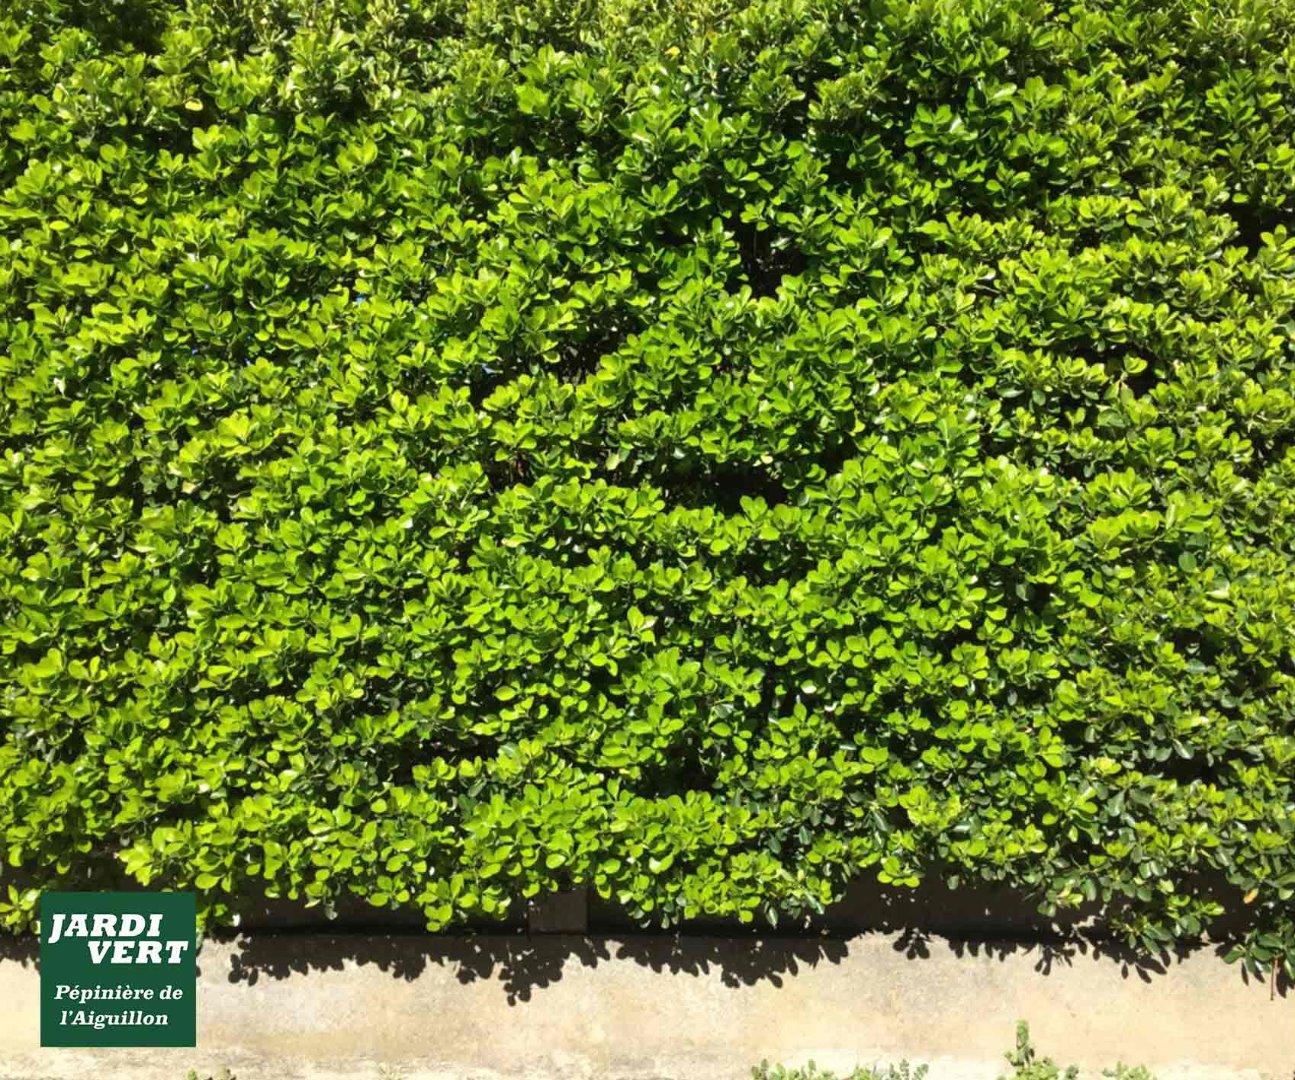 Vente de fusains ou euonymus japonicus pour la plantation de haie persistante - Pépinière de l'Aiguillon près de Muret